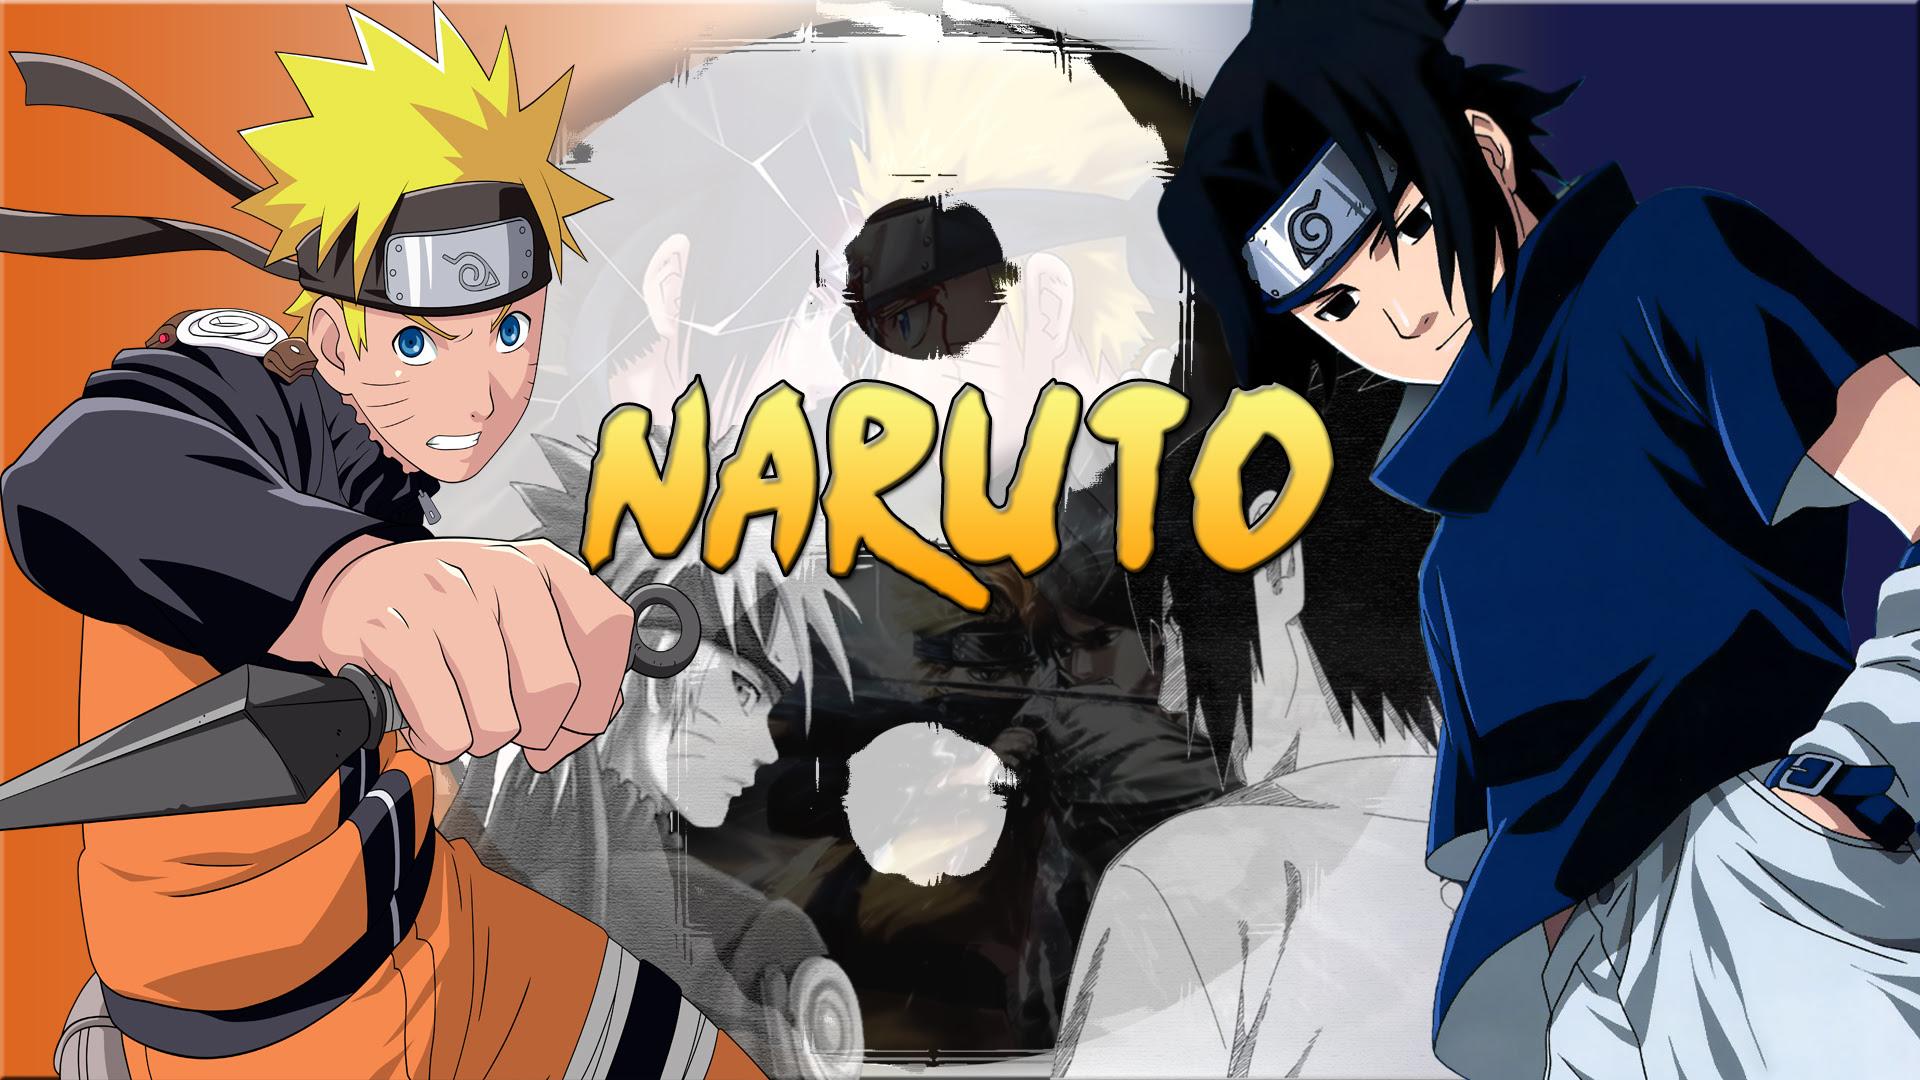 Naruto  Naruto Wallpaper 33813839  Fanpop